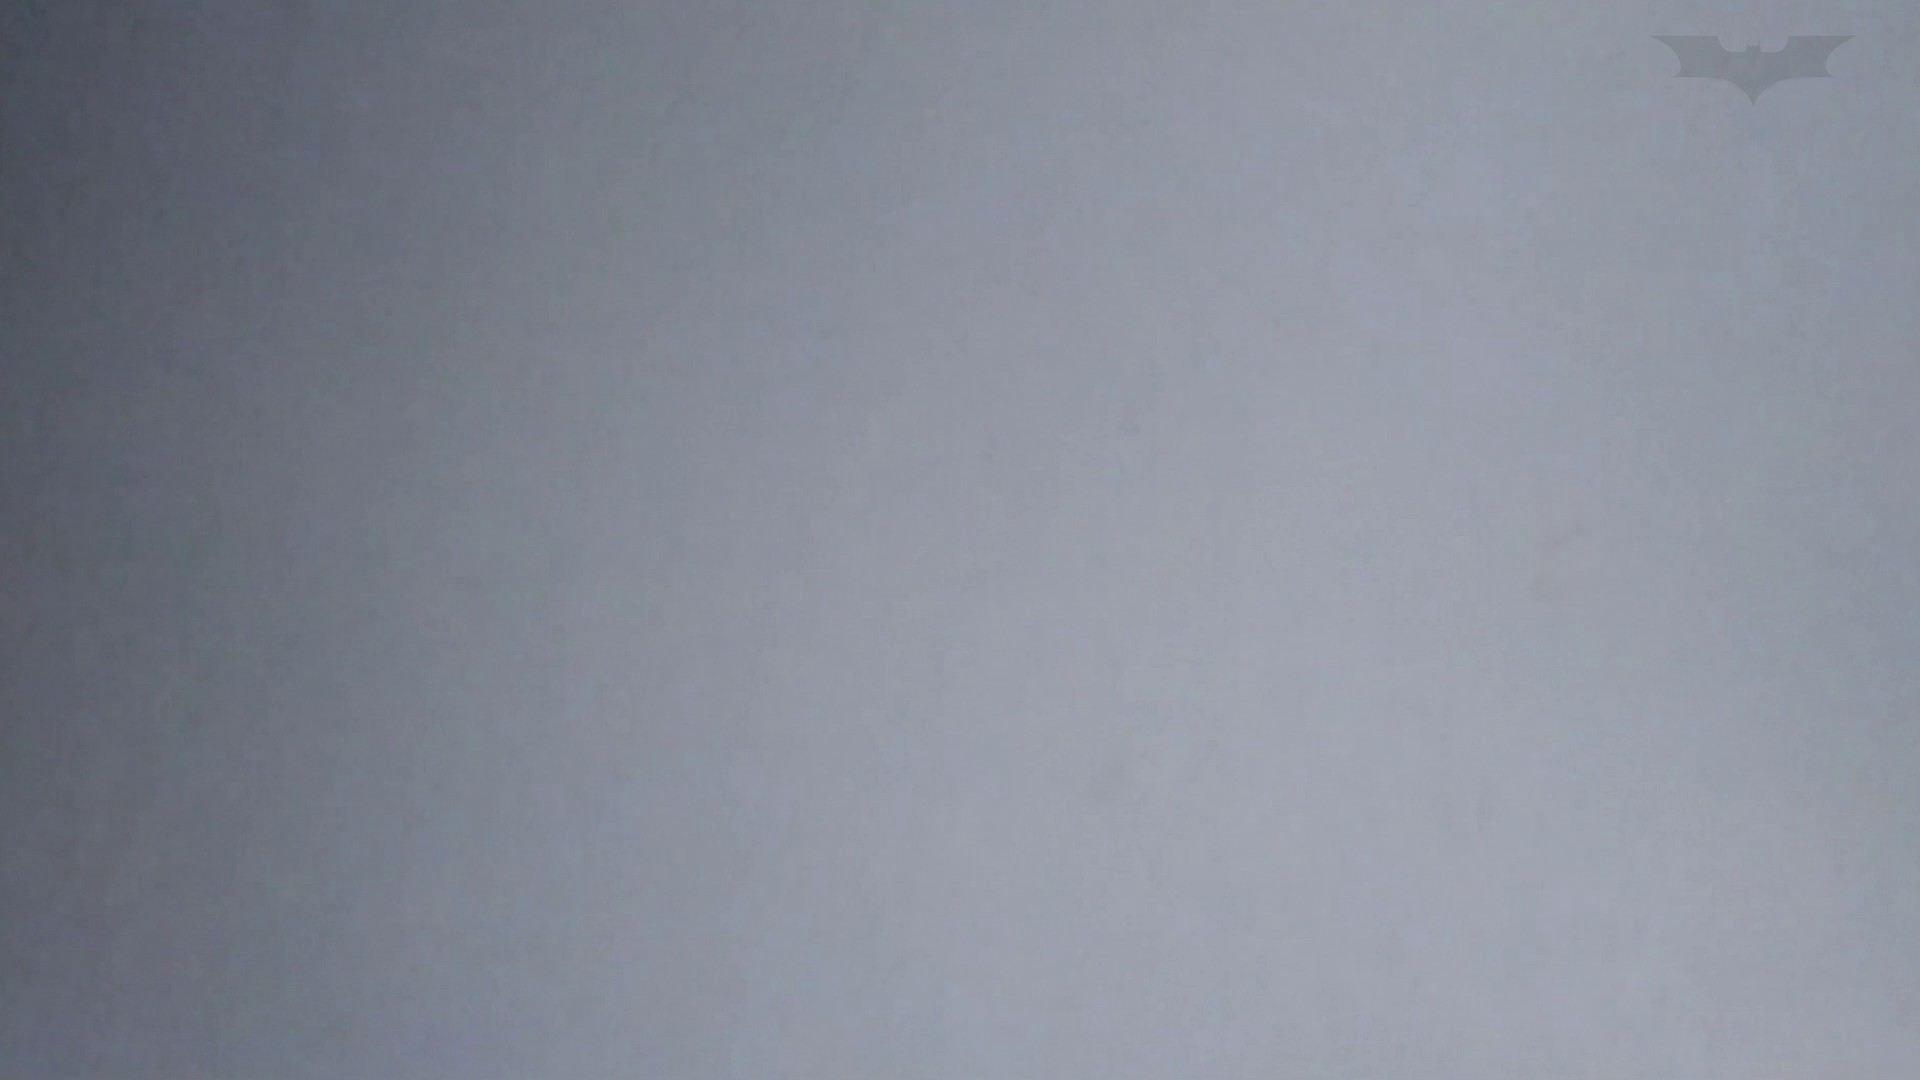 芸術大学ガチ潜入盗撮 JD盗撮 美女の洗面所の秘密 Vol.97 洗面所  91PIX 83